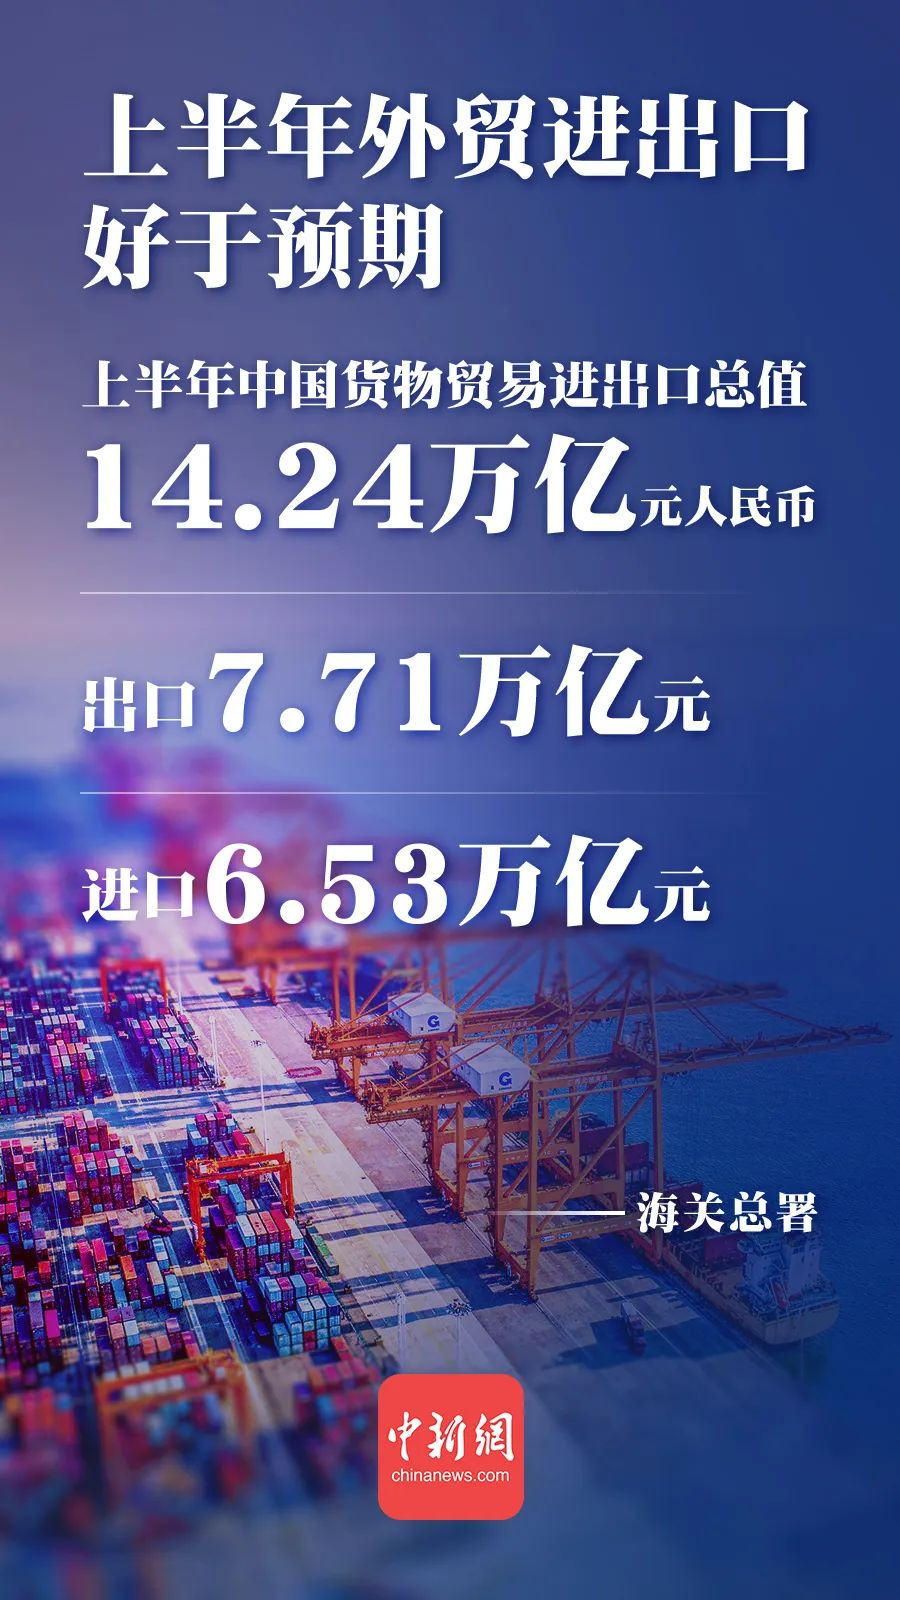 杏悦:上半年中国外贸太难了但数杏悦据好图片